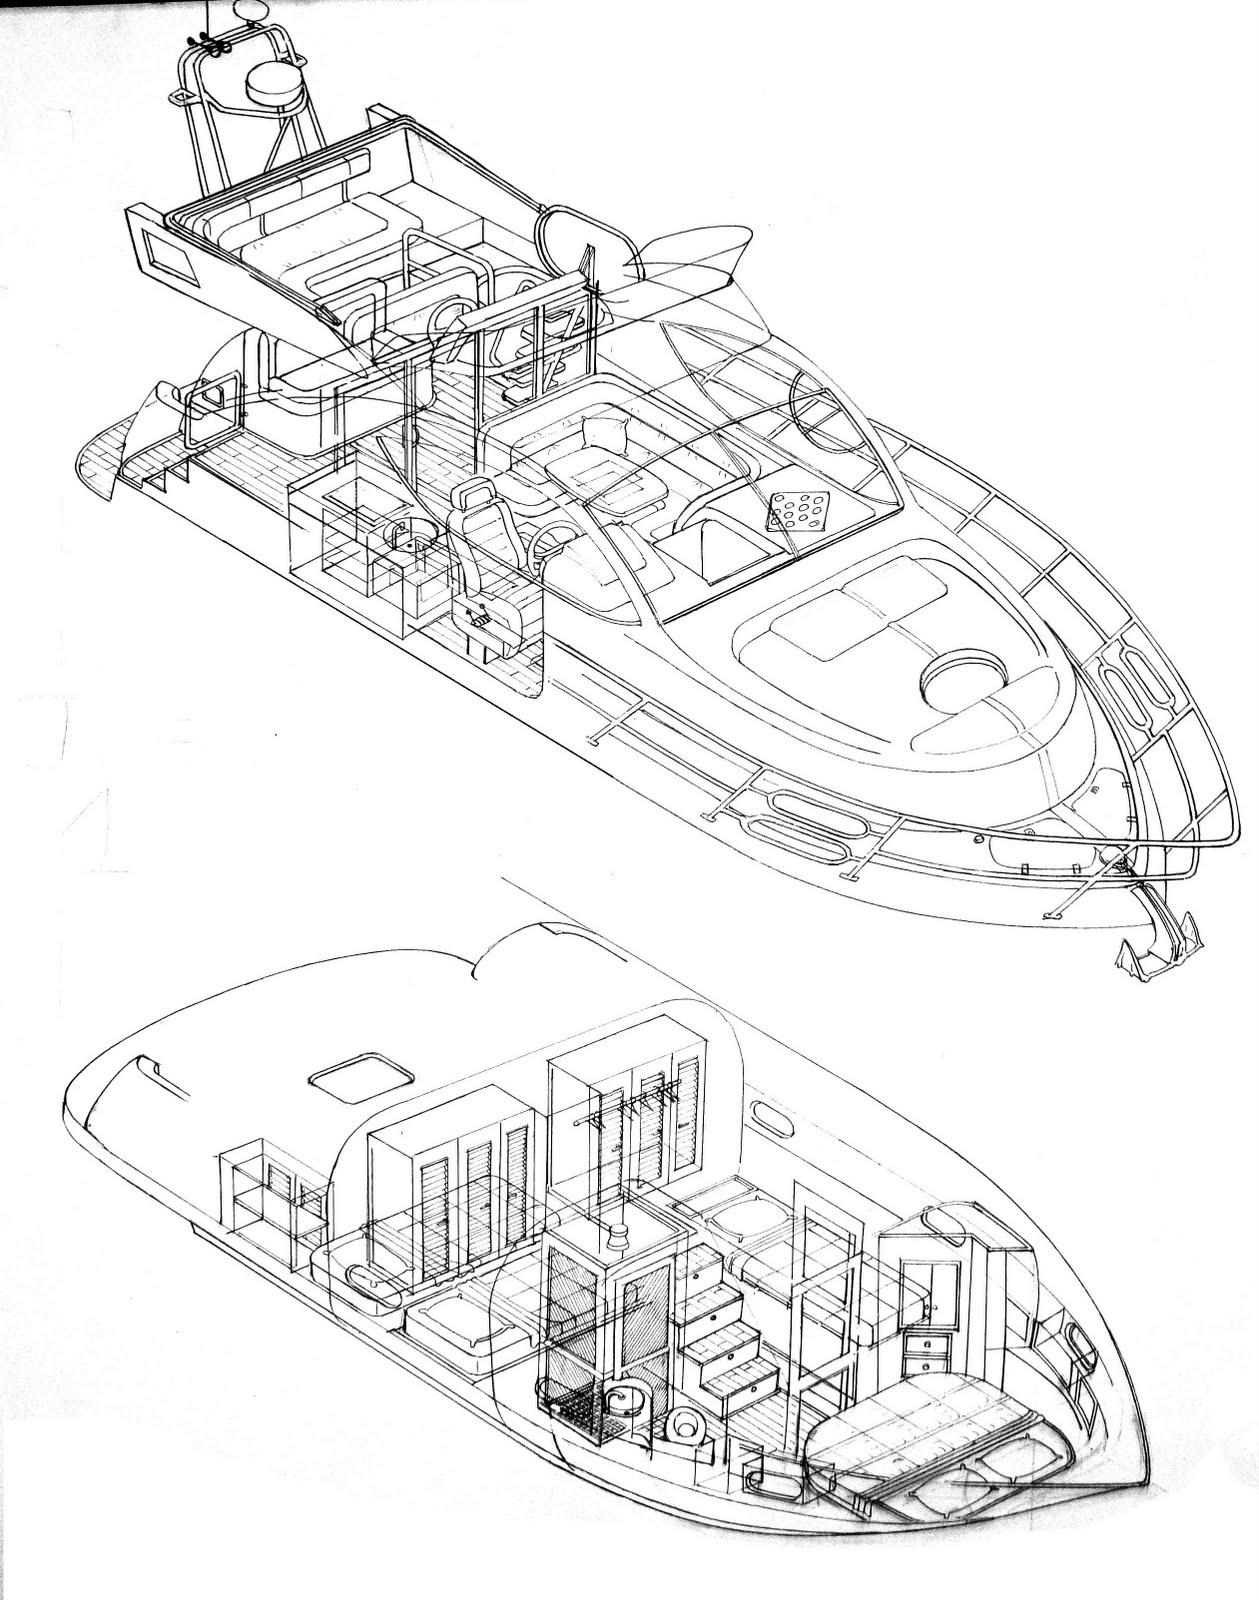 Desenhos Urbanos e Náuticos: Desenhos Revista Náutica BR II